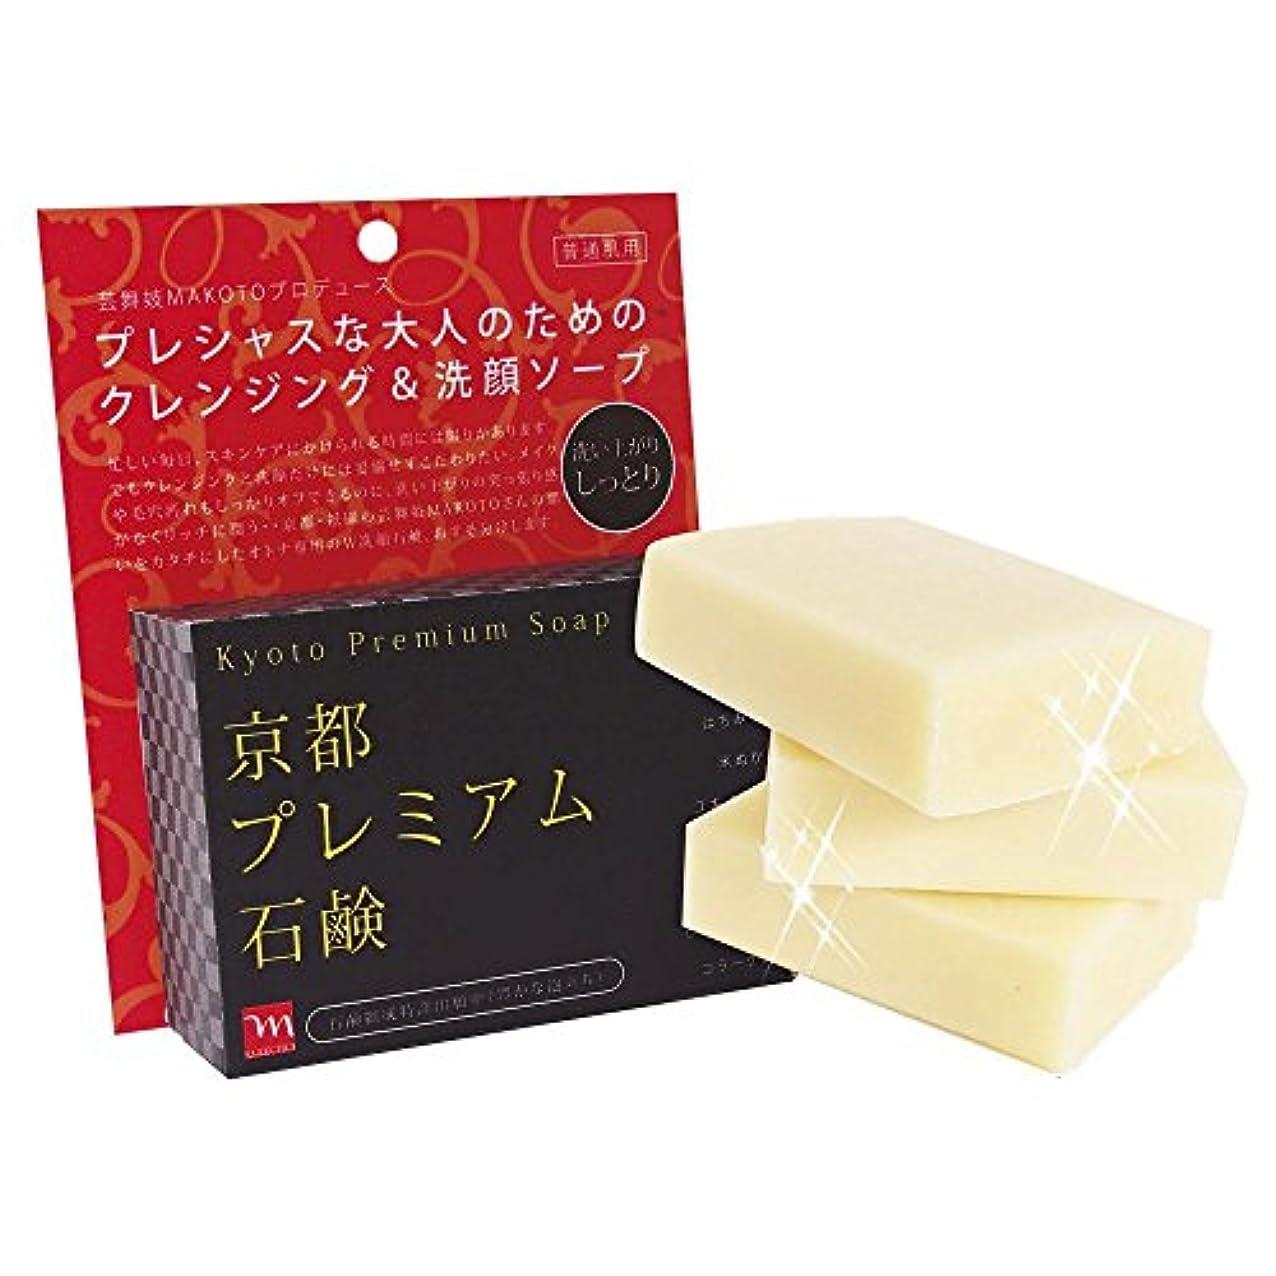 運河雨法的京都プレミアム石鹸 120g【人気 おすすめ 】